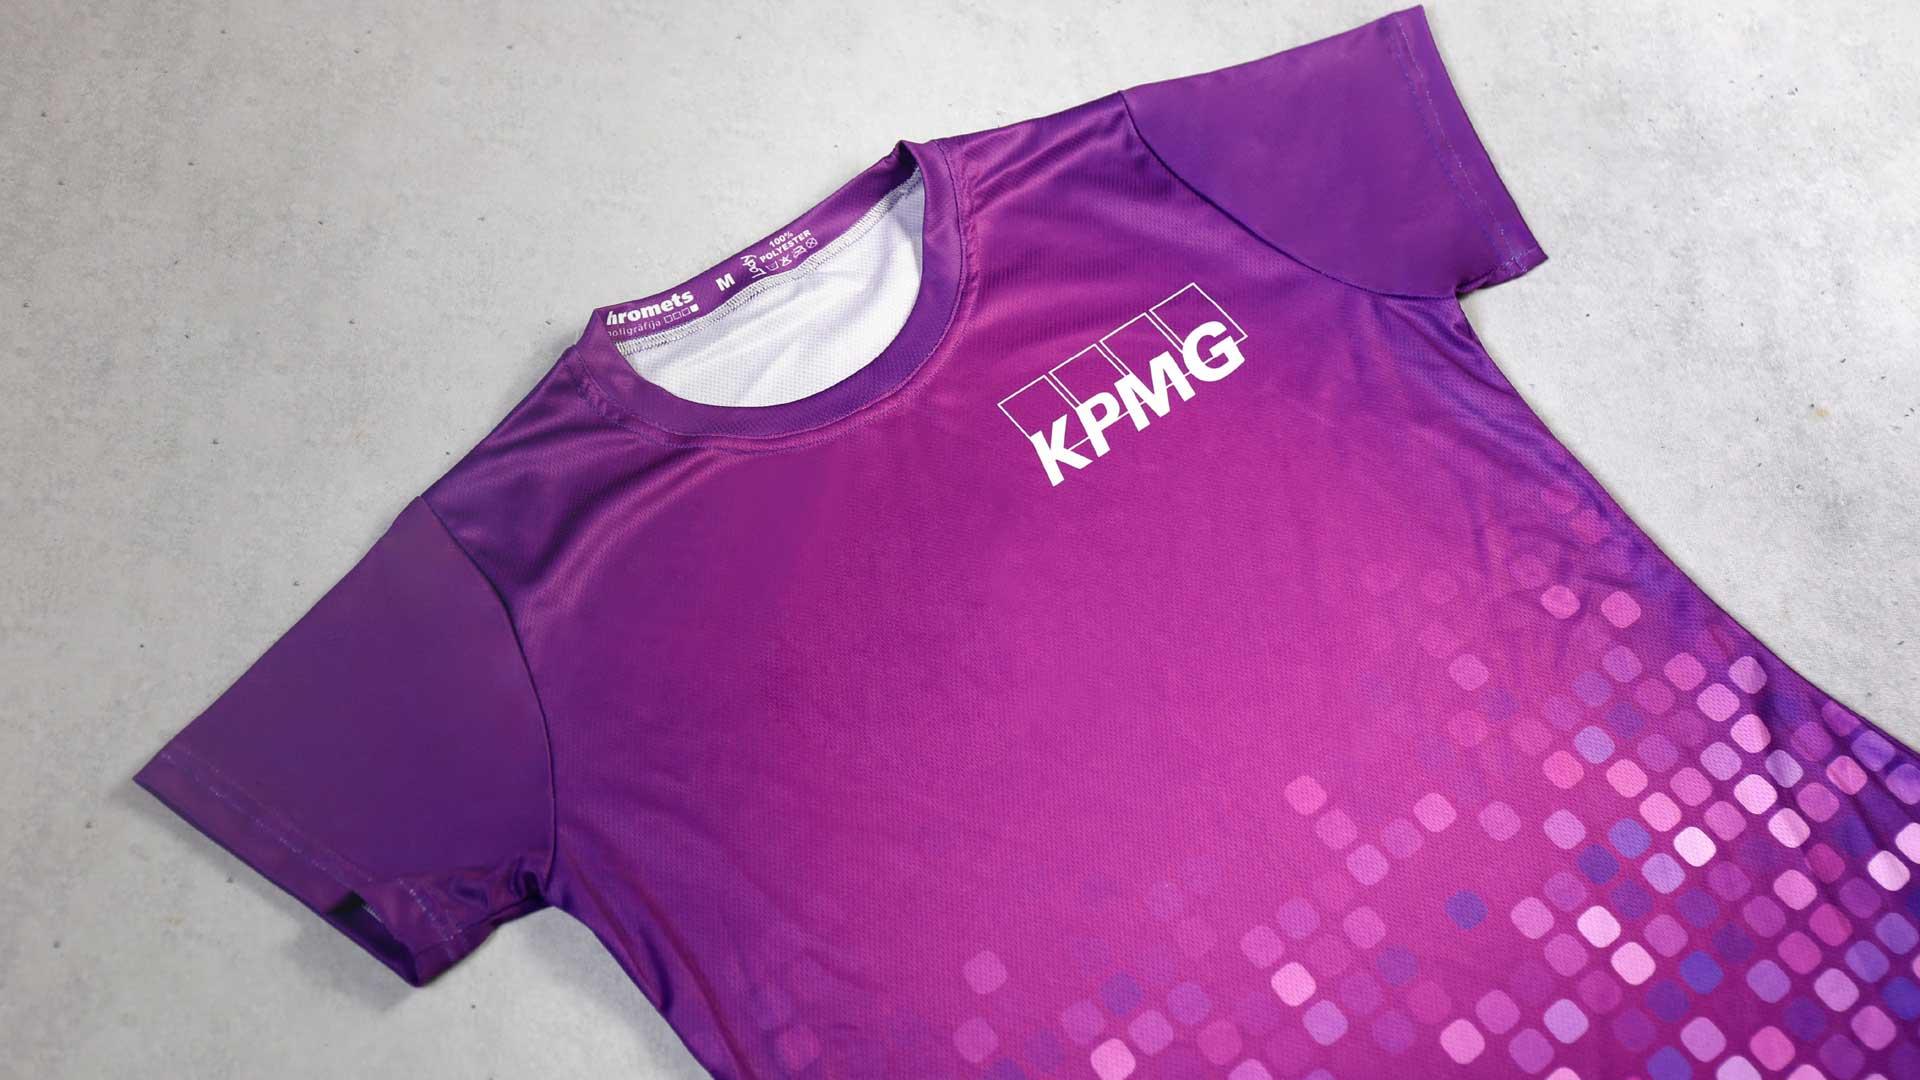 Sieviešu t-kreklu apdruka KPMG